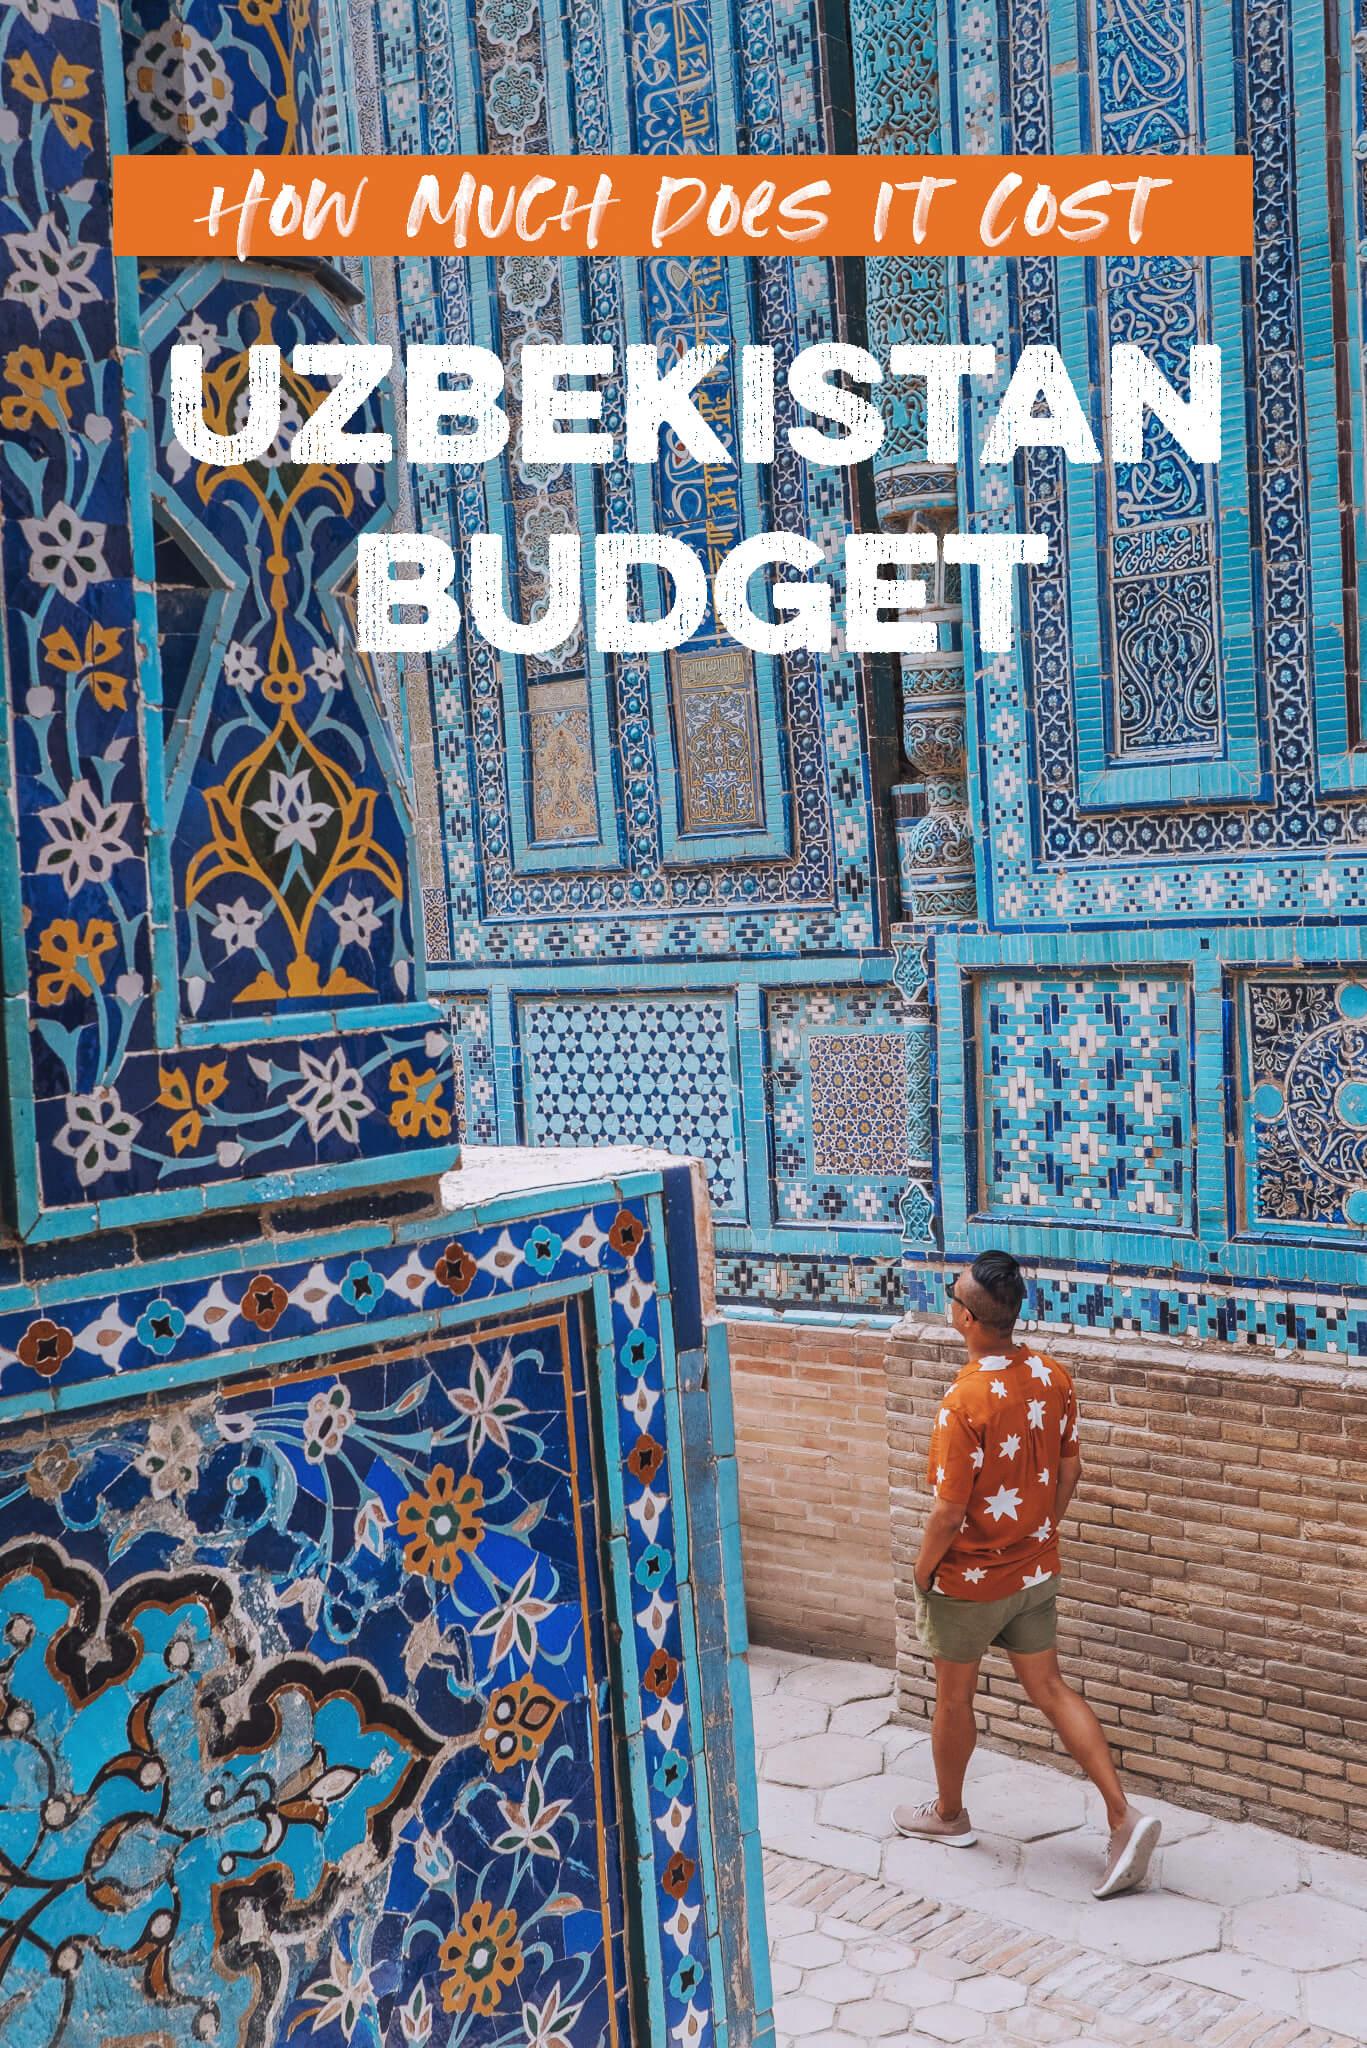 Uzbekistan-Budget-Pin.jpg